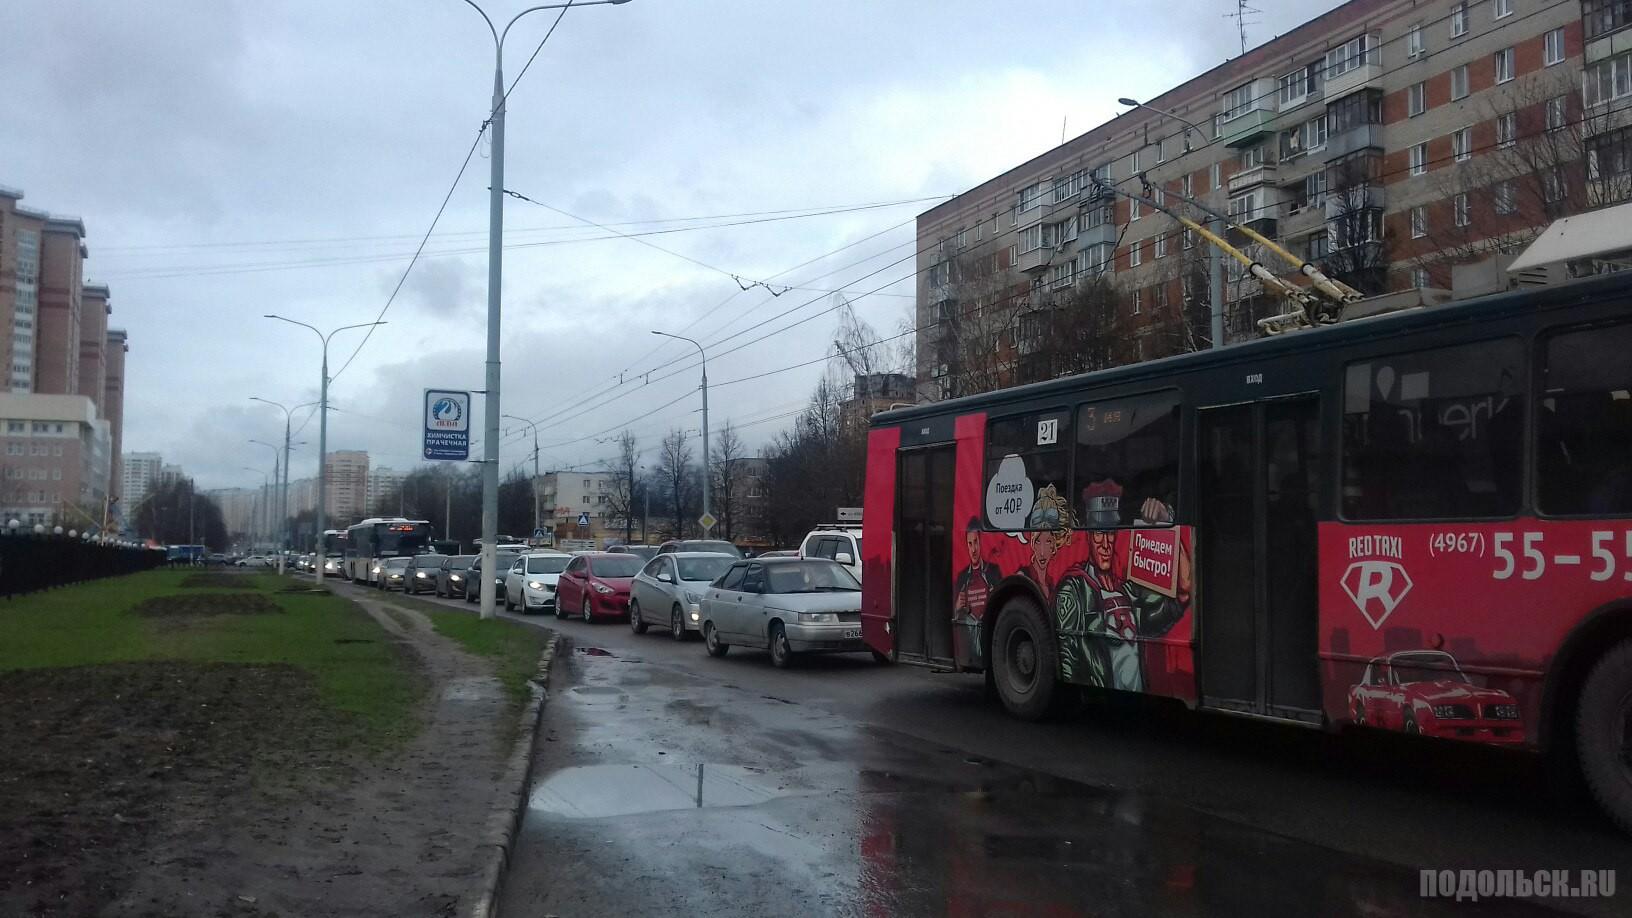 Ленинградский проспект, Октябрьский... все стоит, от центра микрорайона Кузнечики.  14 апреля 2017 года